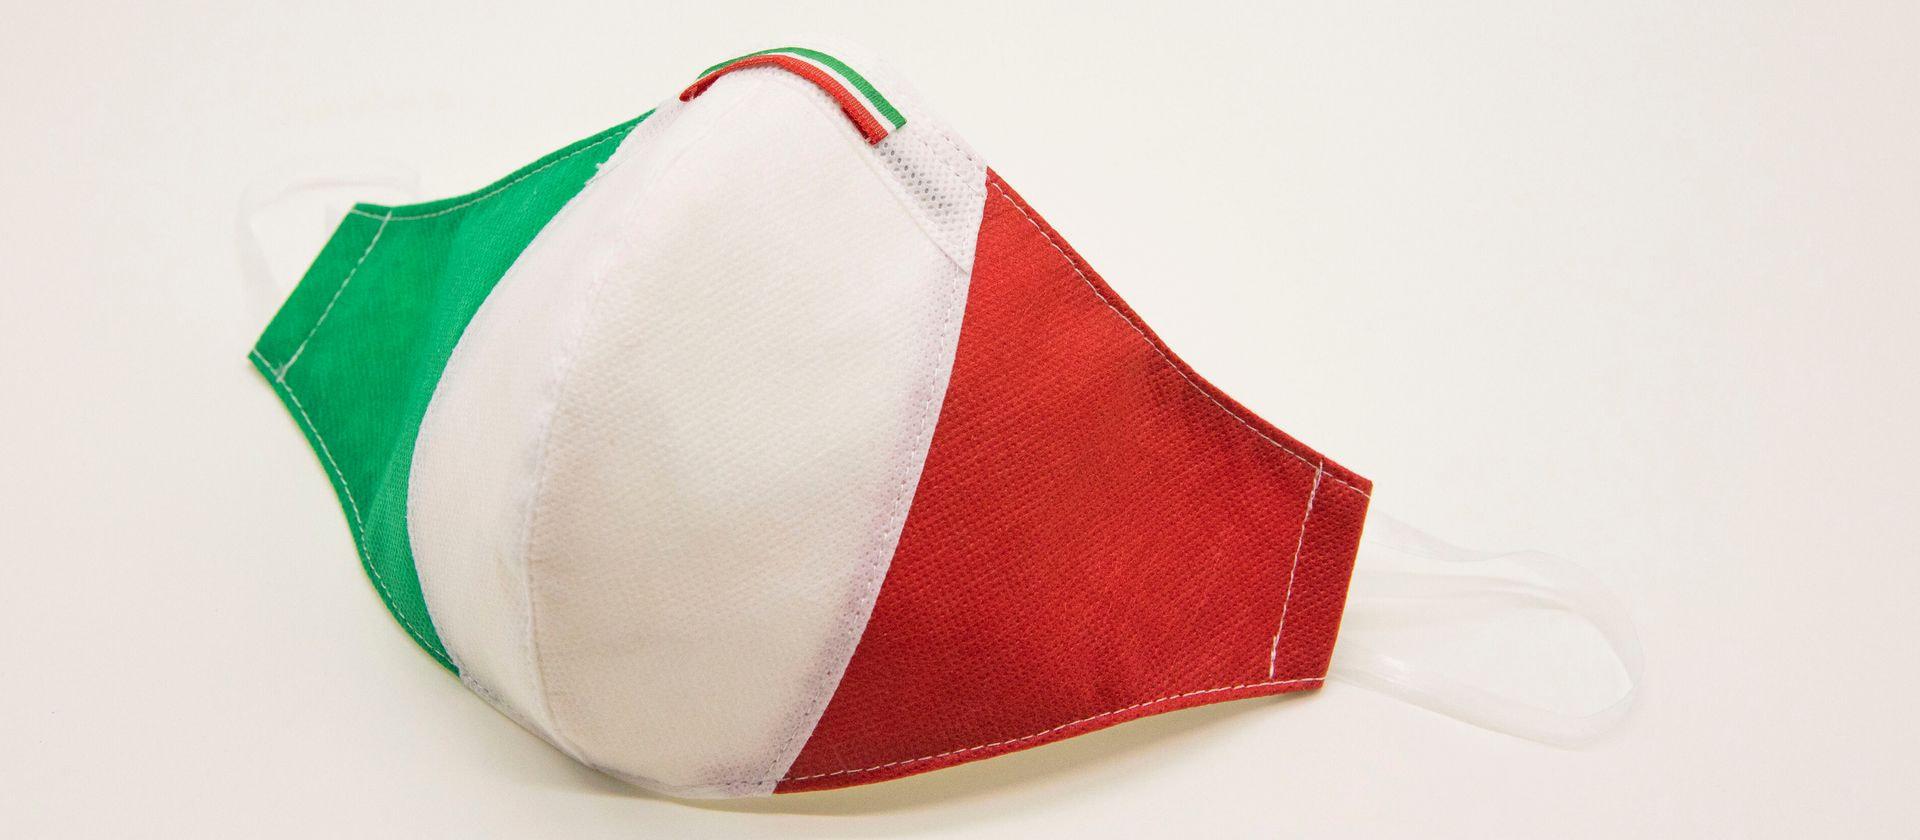 Mascherina Protettiva Fashion Lavabile Tricolore L